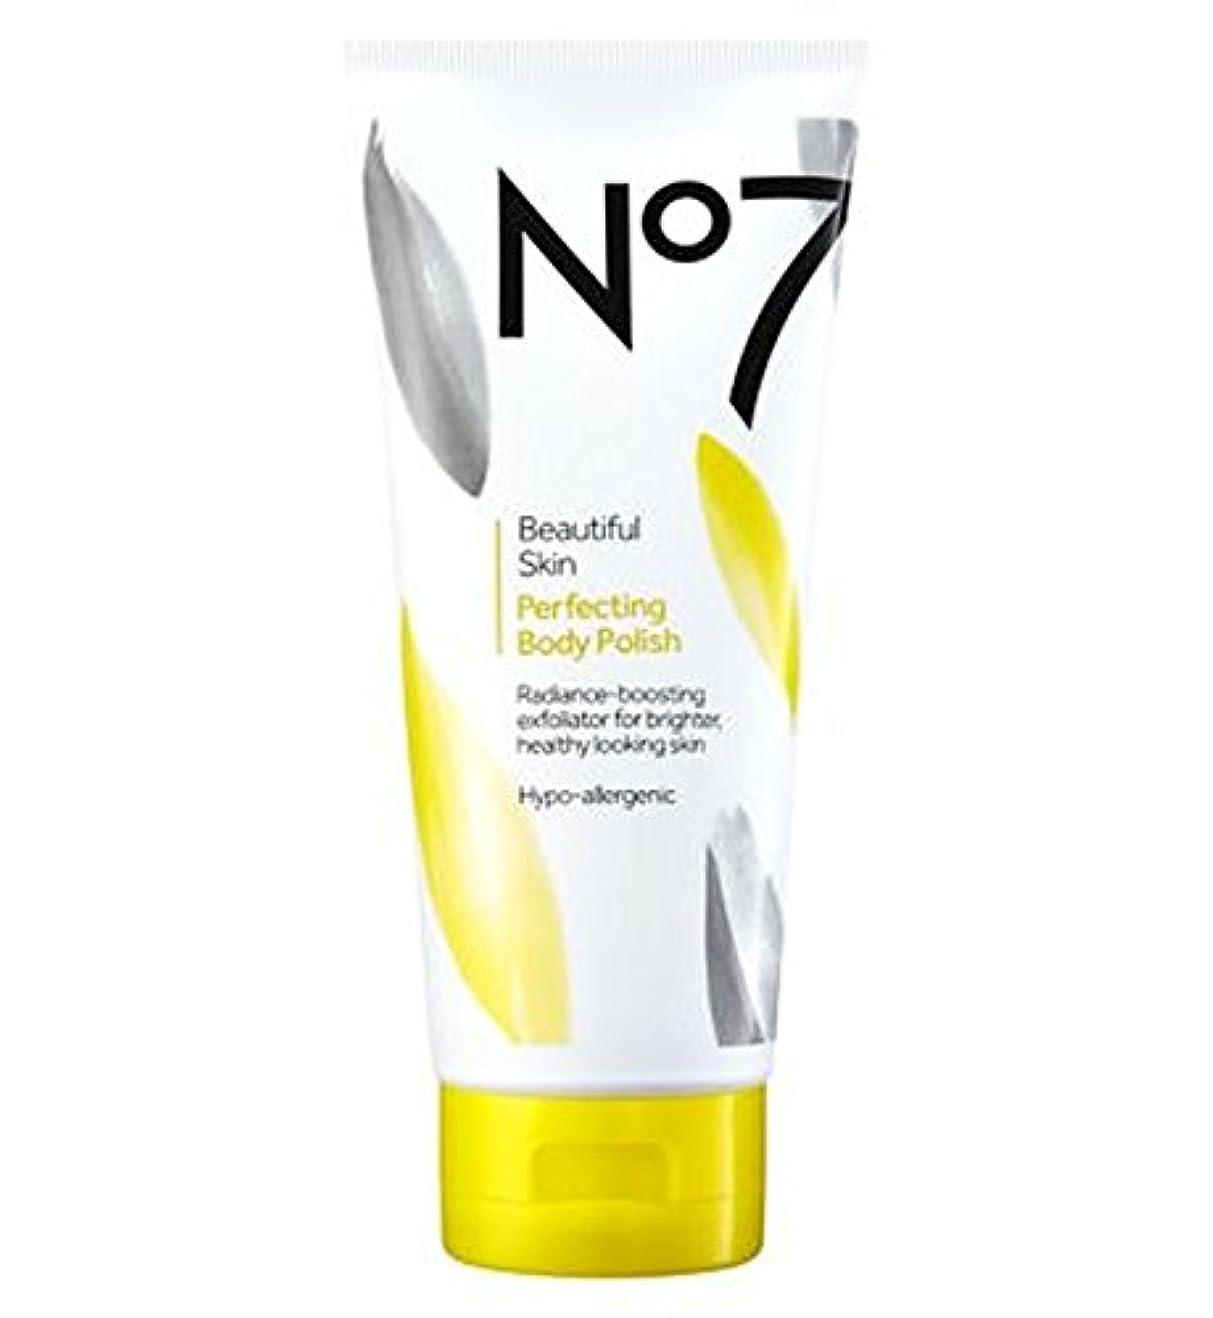 地理熱帯の母性No7 Beautiful Skin Perfecting Body Polish - ボディポリッシュを完成No7美肌 (No7) [並行輸入品]